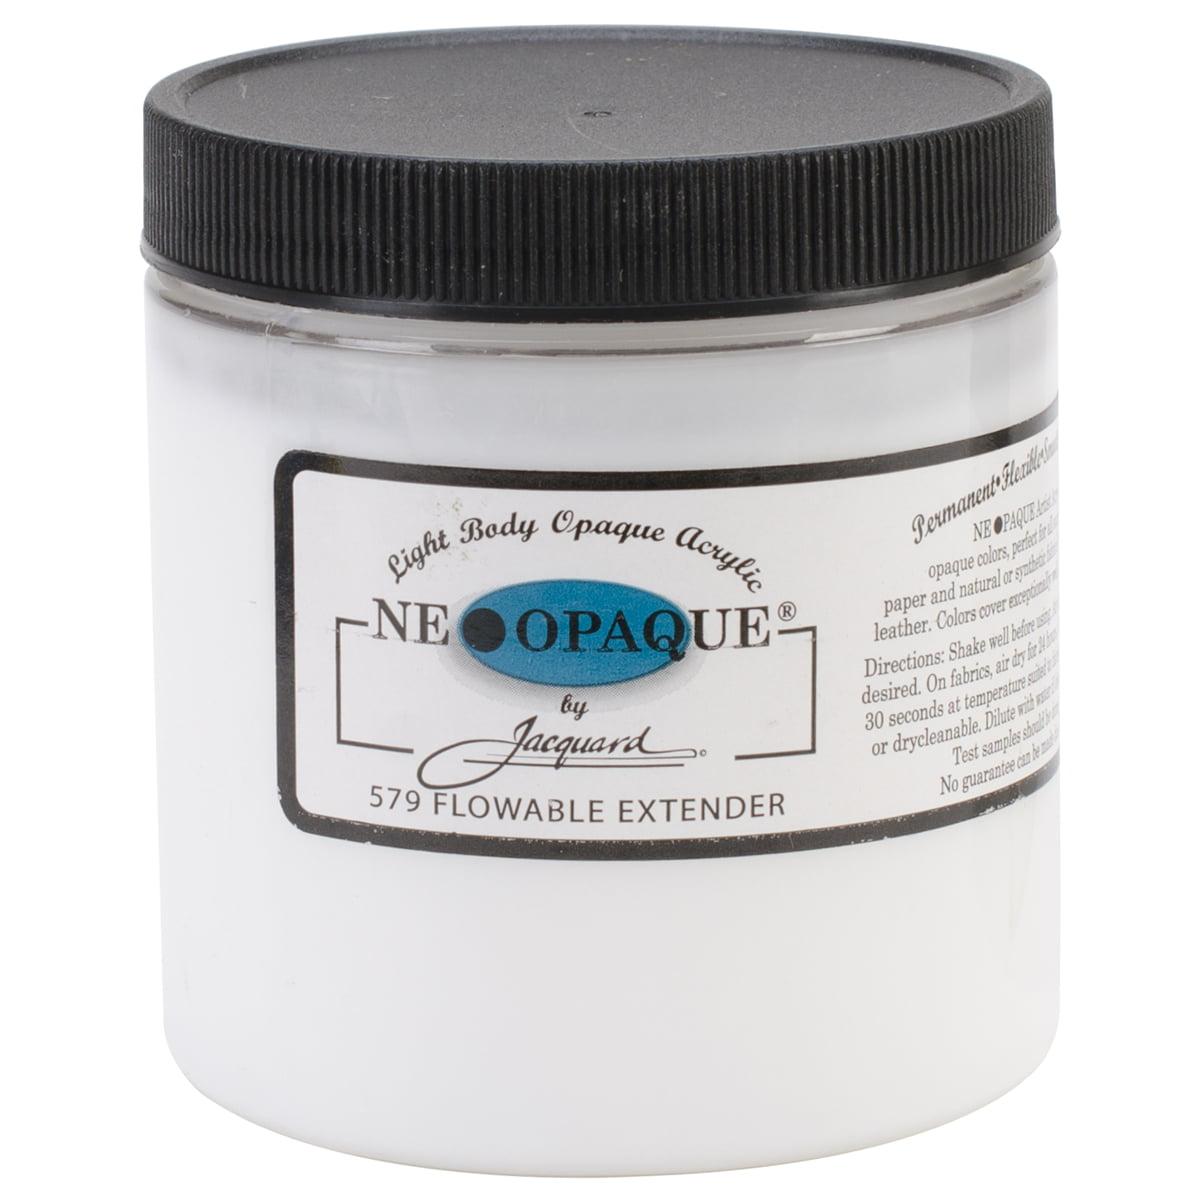 Jacquard Neopaque Flowable Extender 8oz-